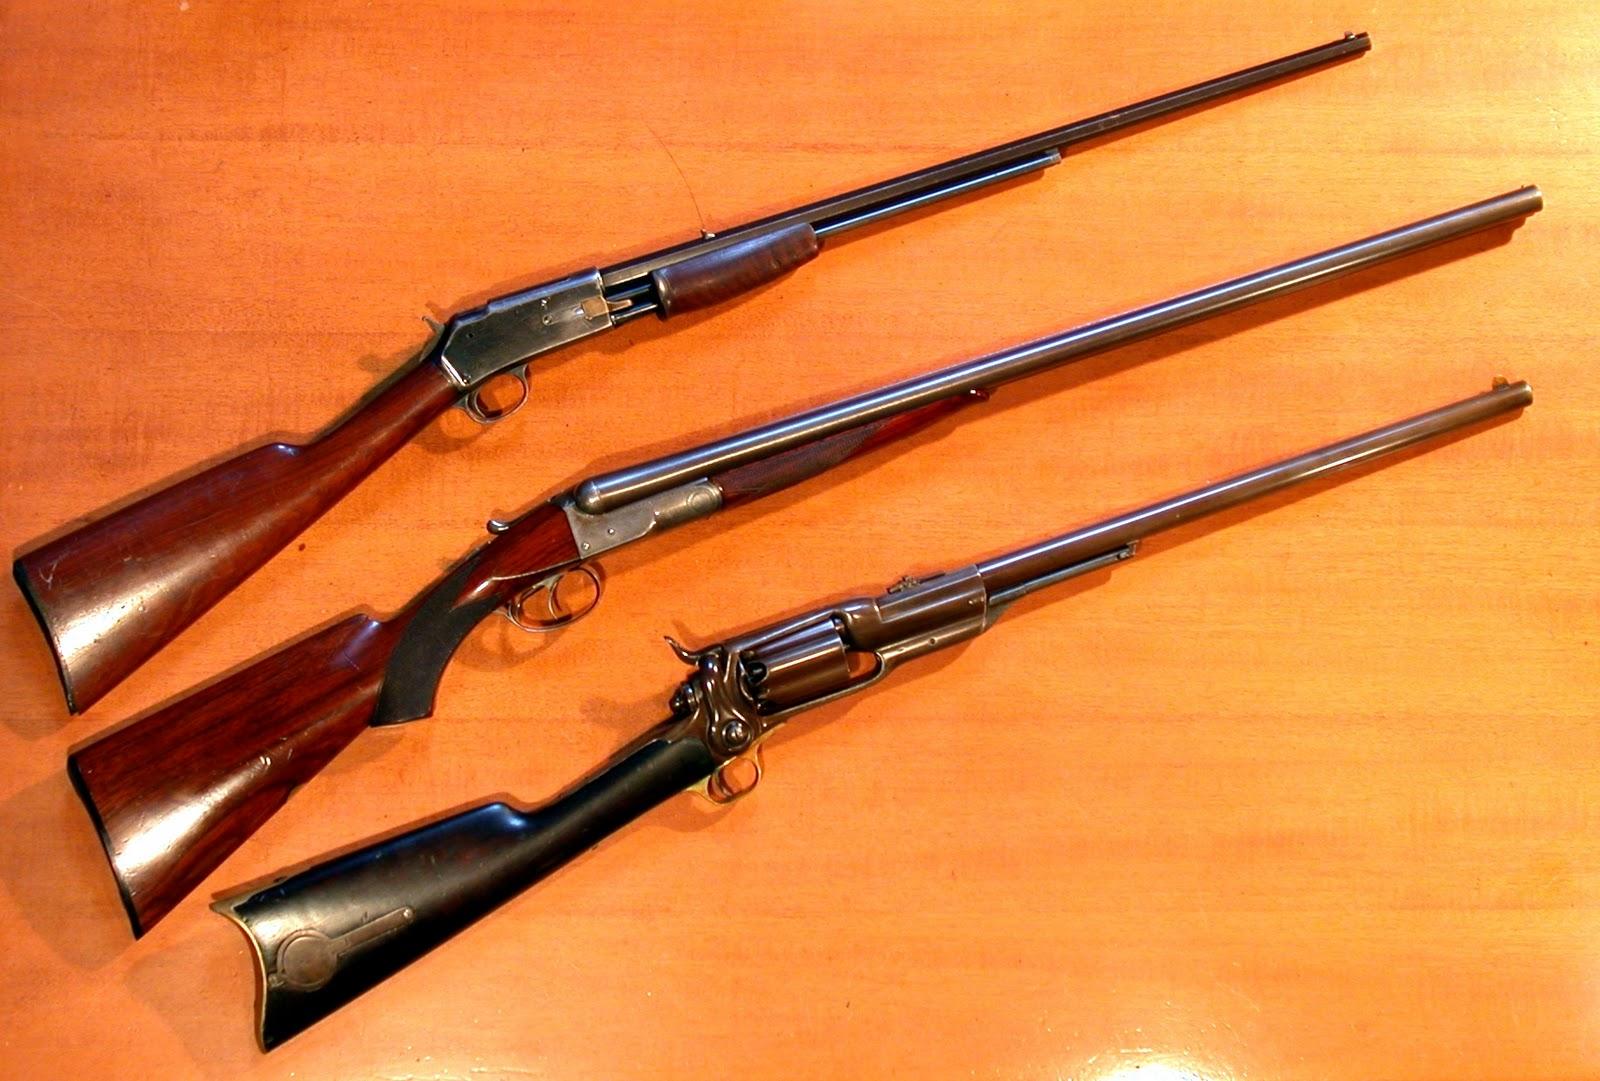 http://3.bp.blogspot.com/-5miHrNH3QyE/TqnQb3NNZWI/AAAAAAAAASo/6ns_Oh0kZMo/s1600/Colt+Rifles.jpg